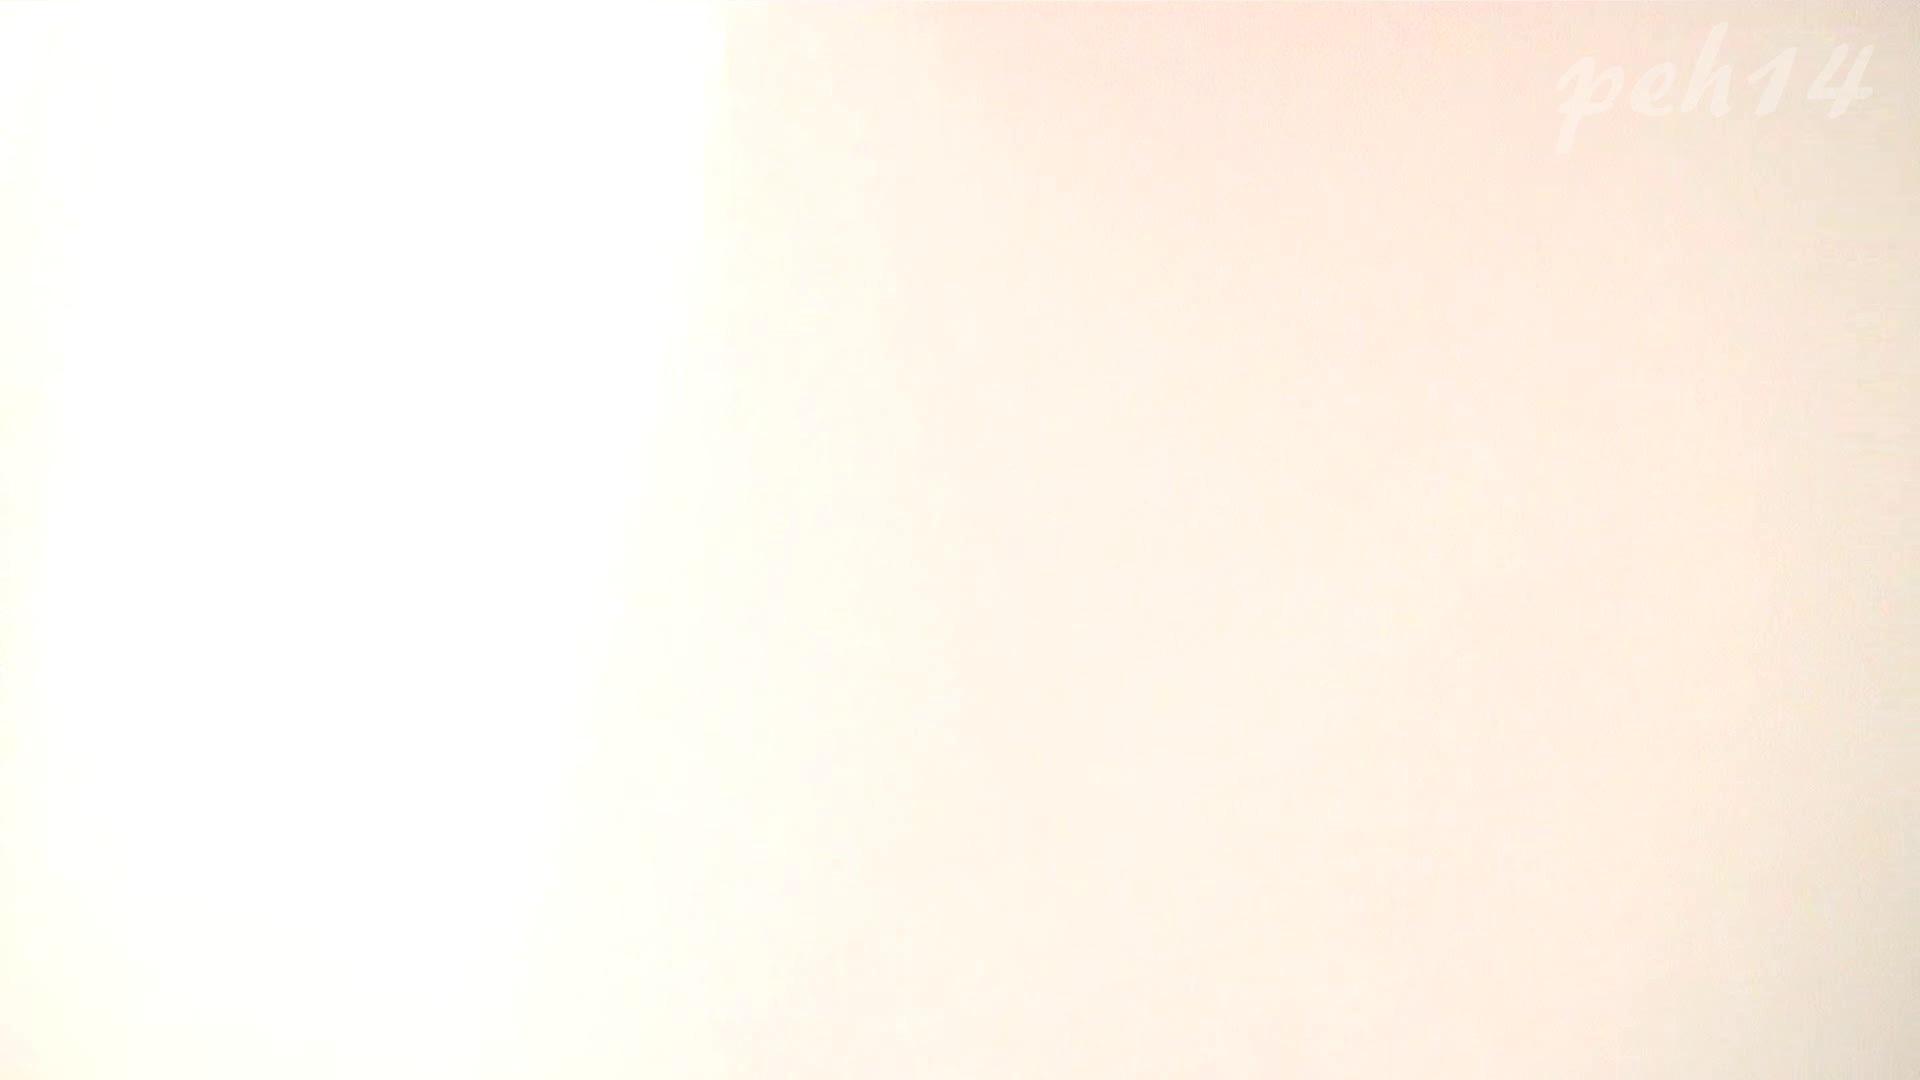 ※100個限定販売 至高下半身盗撮 プレミアム Vol.14 ハイビジョン お姉さん   洗面所  105画像 12